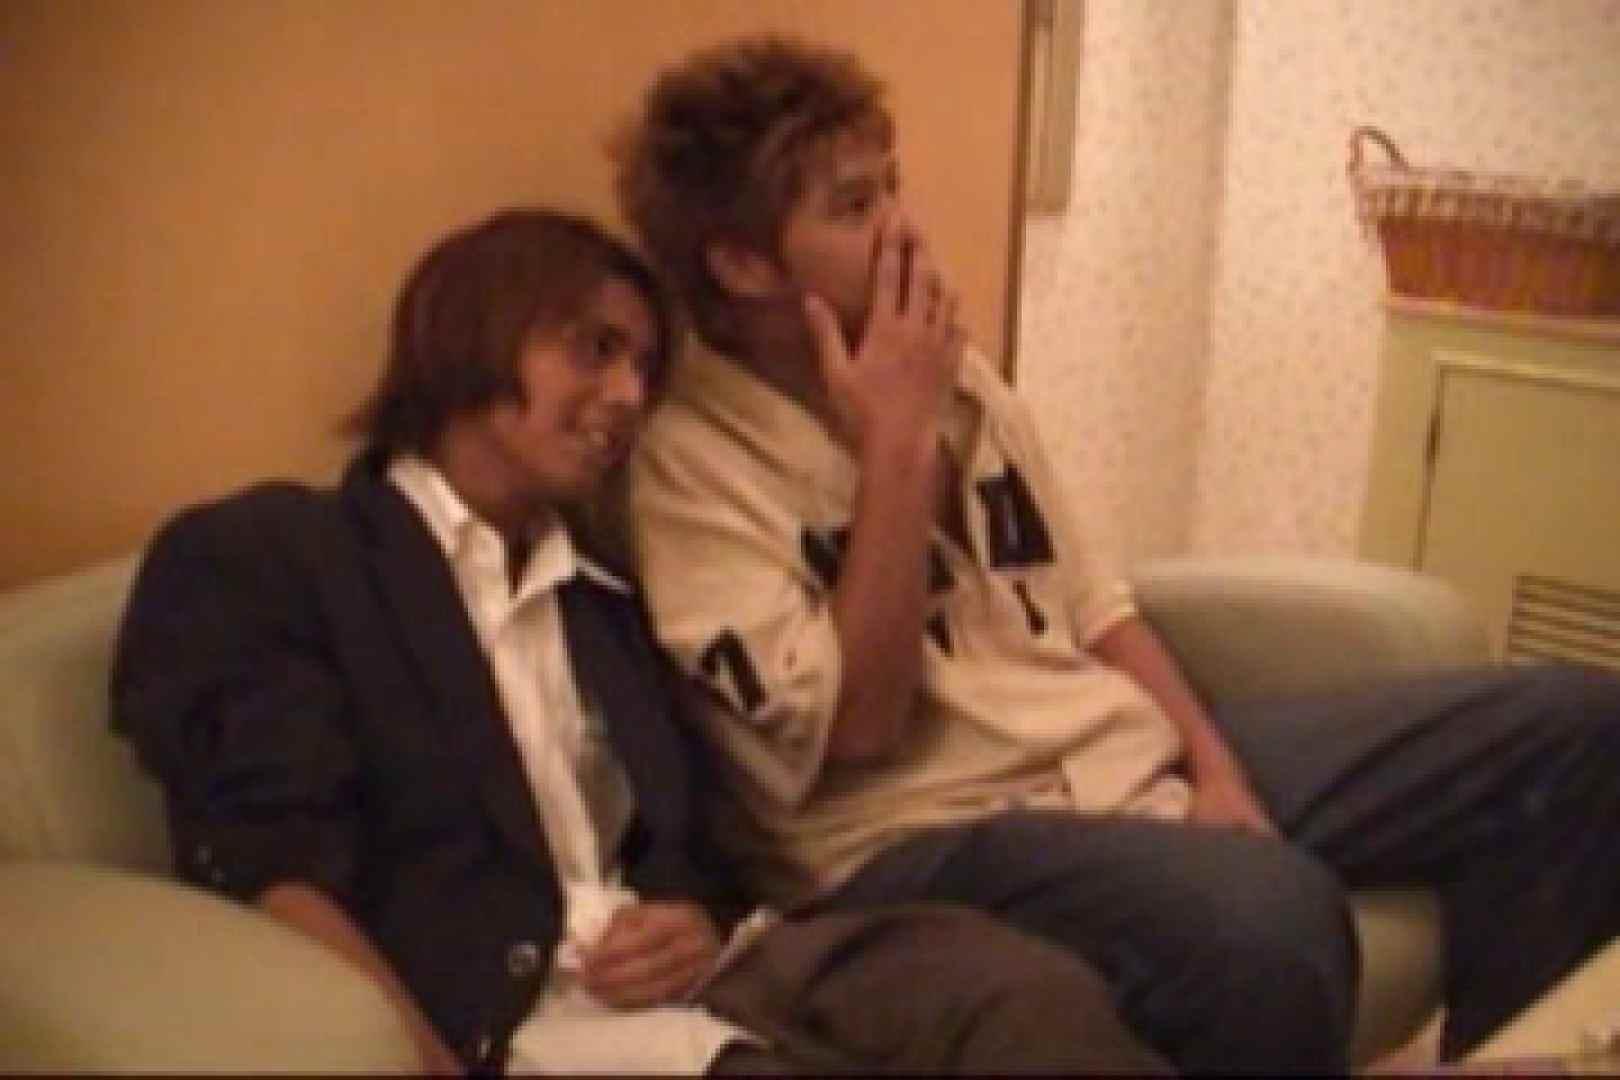 【流出】ジャニ系イケメン!!フライング&アナルが痛くて出来ません!! 射精特集 ゲイエロ動画 83枚 16